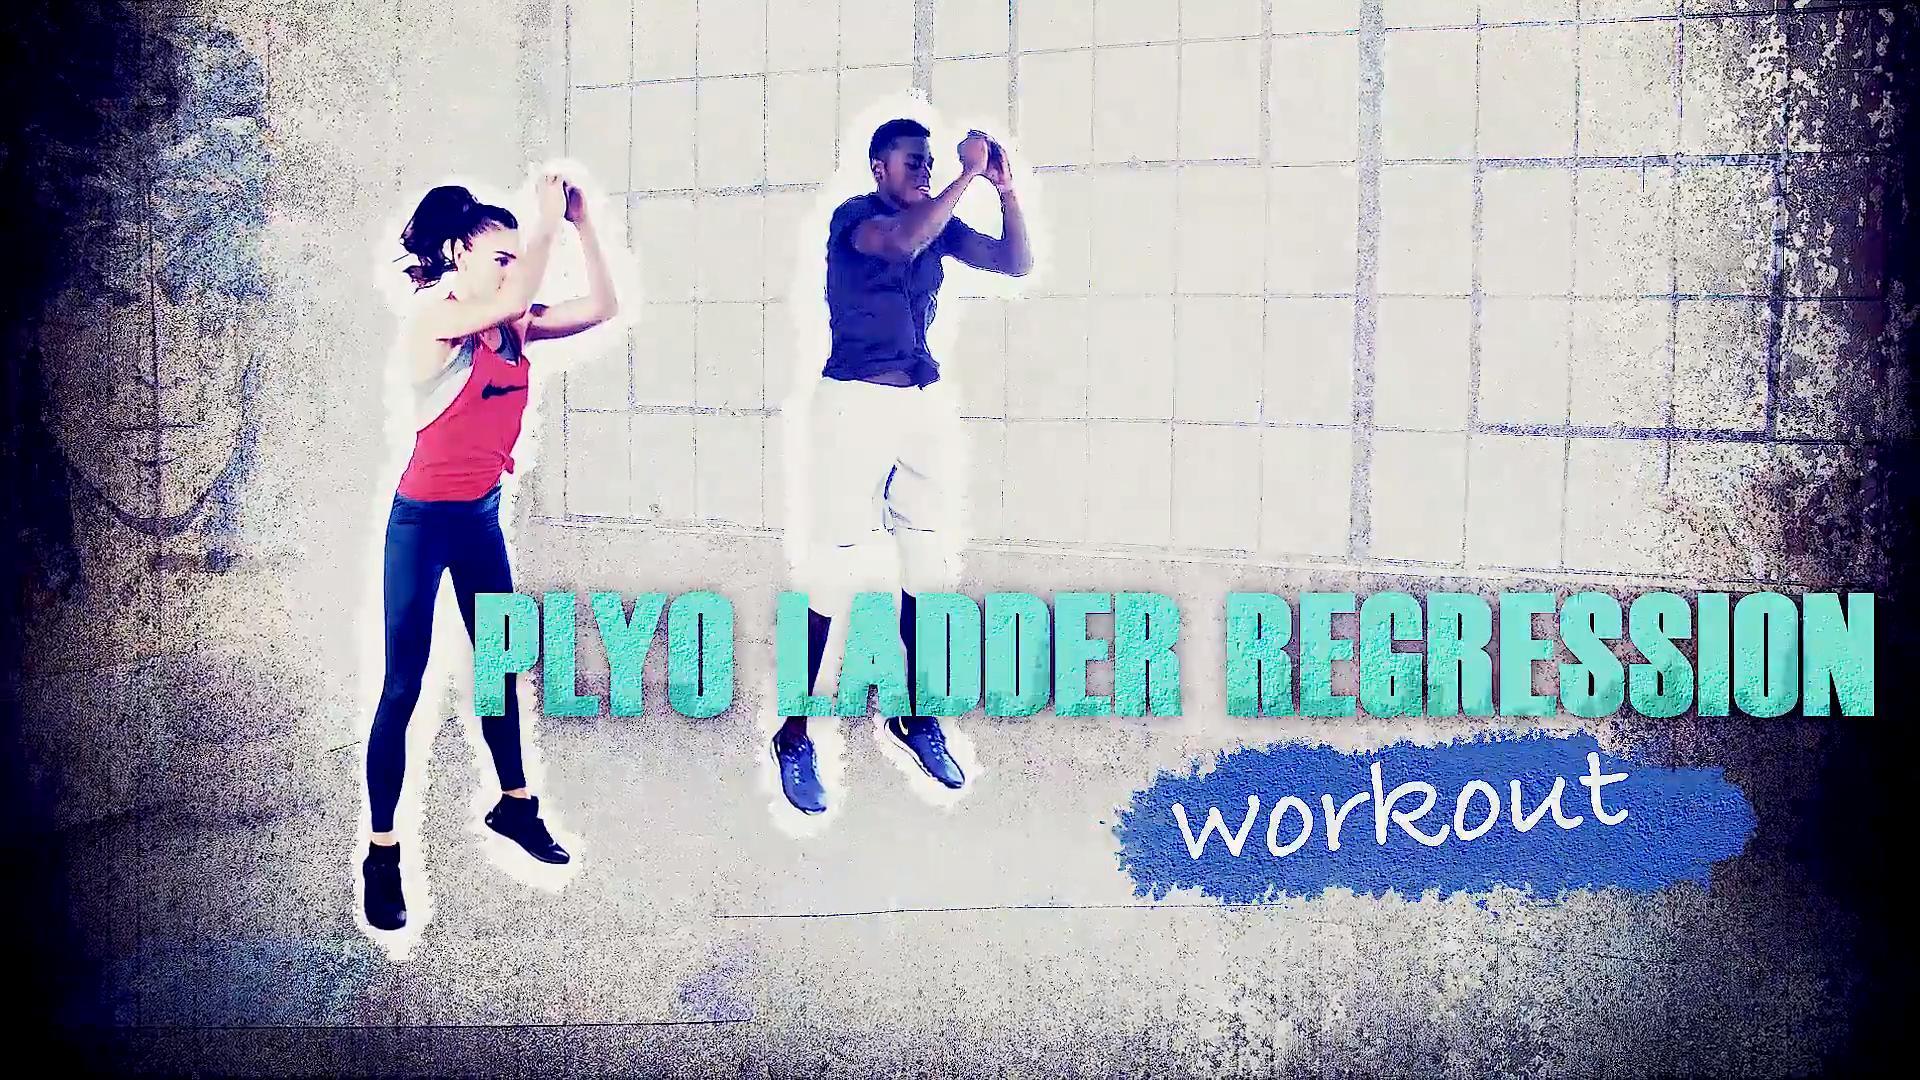 Workout 2: Plyo Ladder Regression